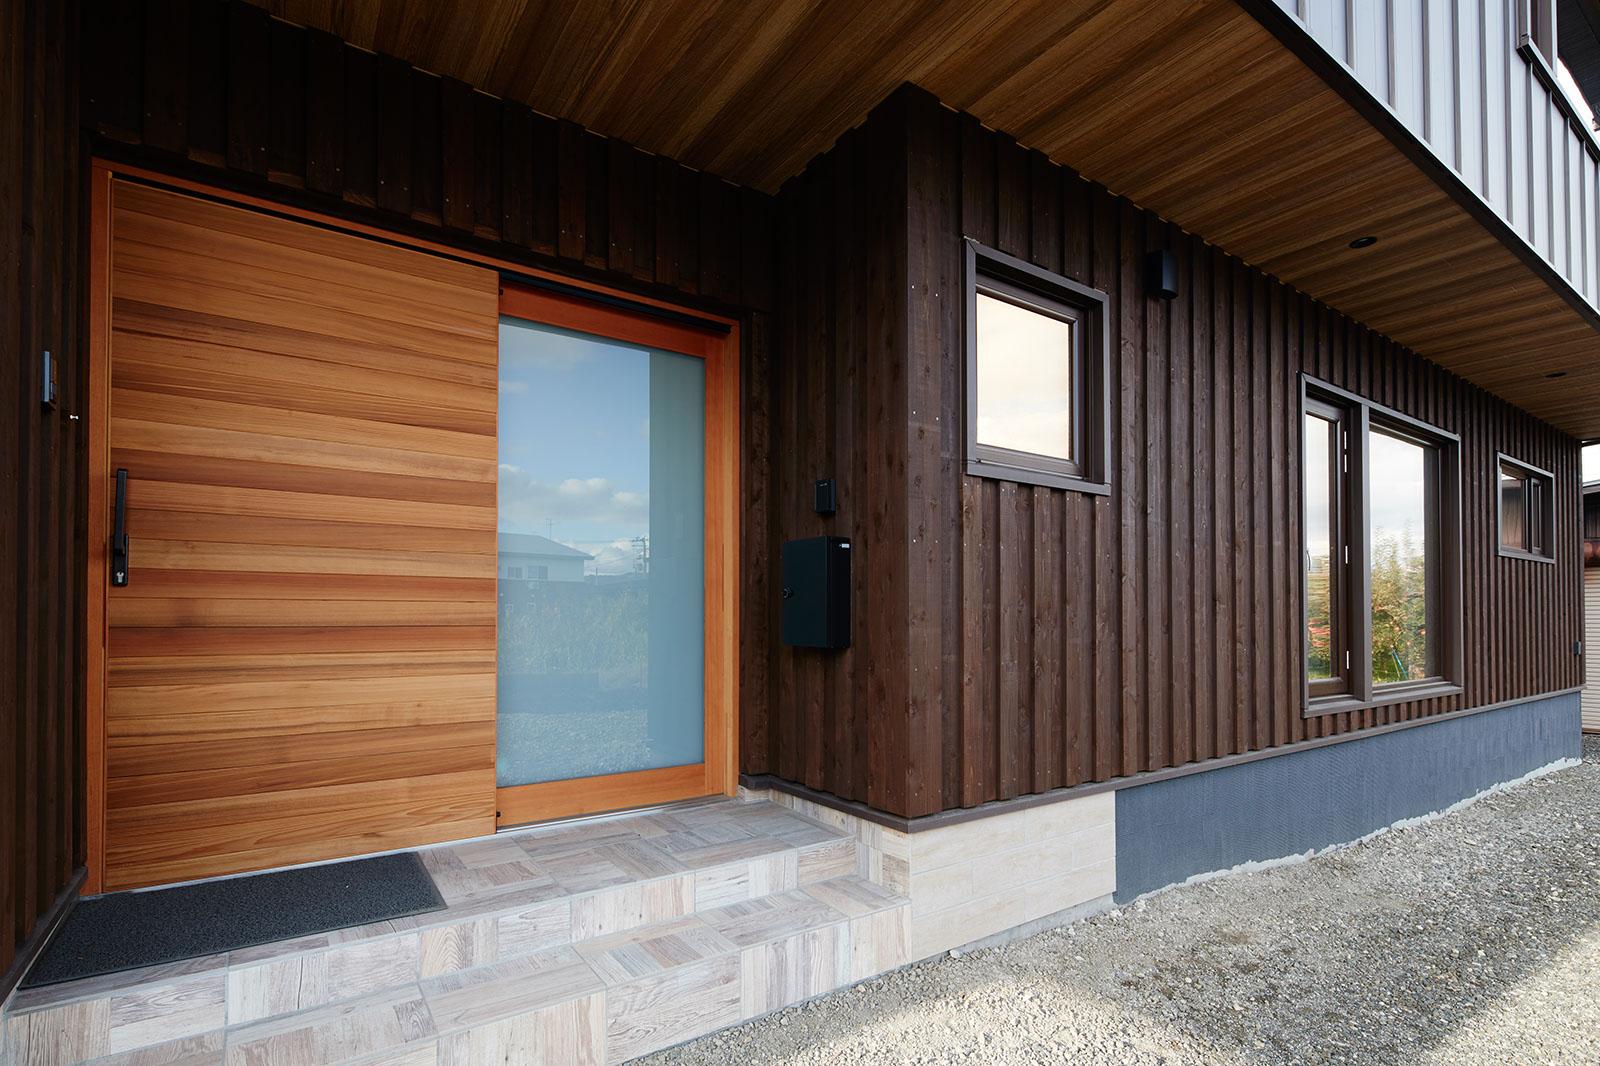 重厚感と木の優しさを兼ね備えた大きな木製引き戸が印象的な共用玄関